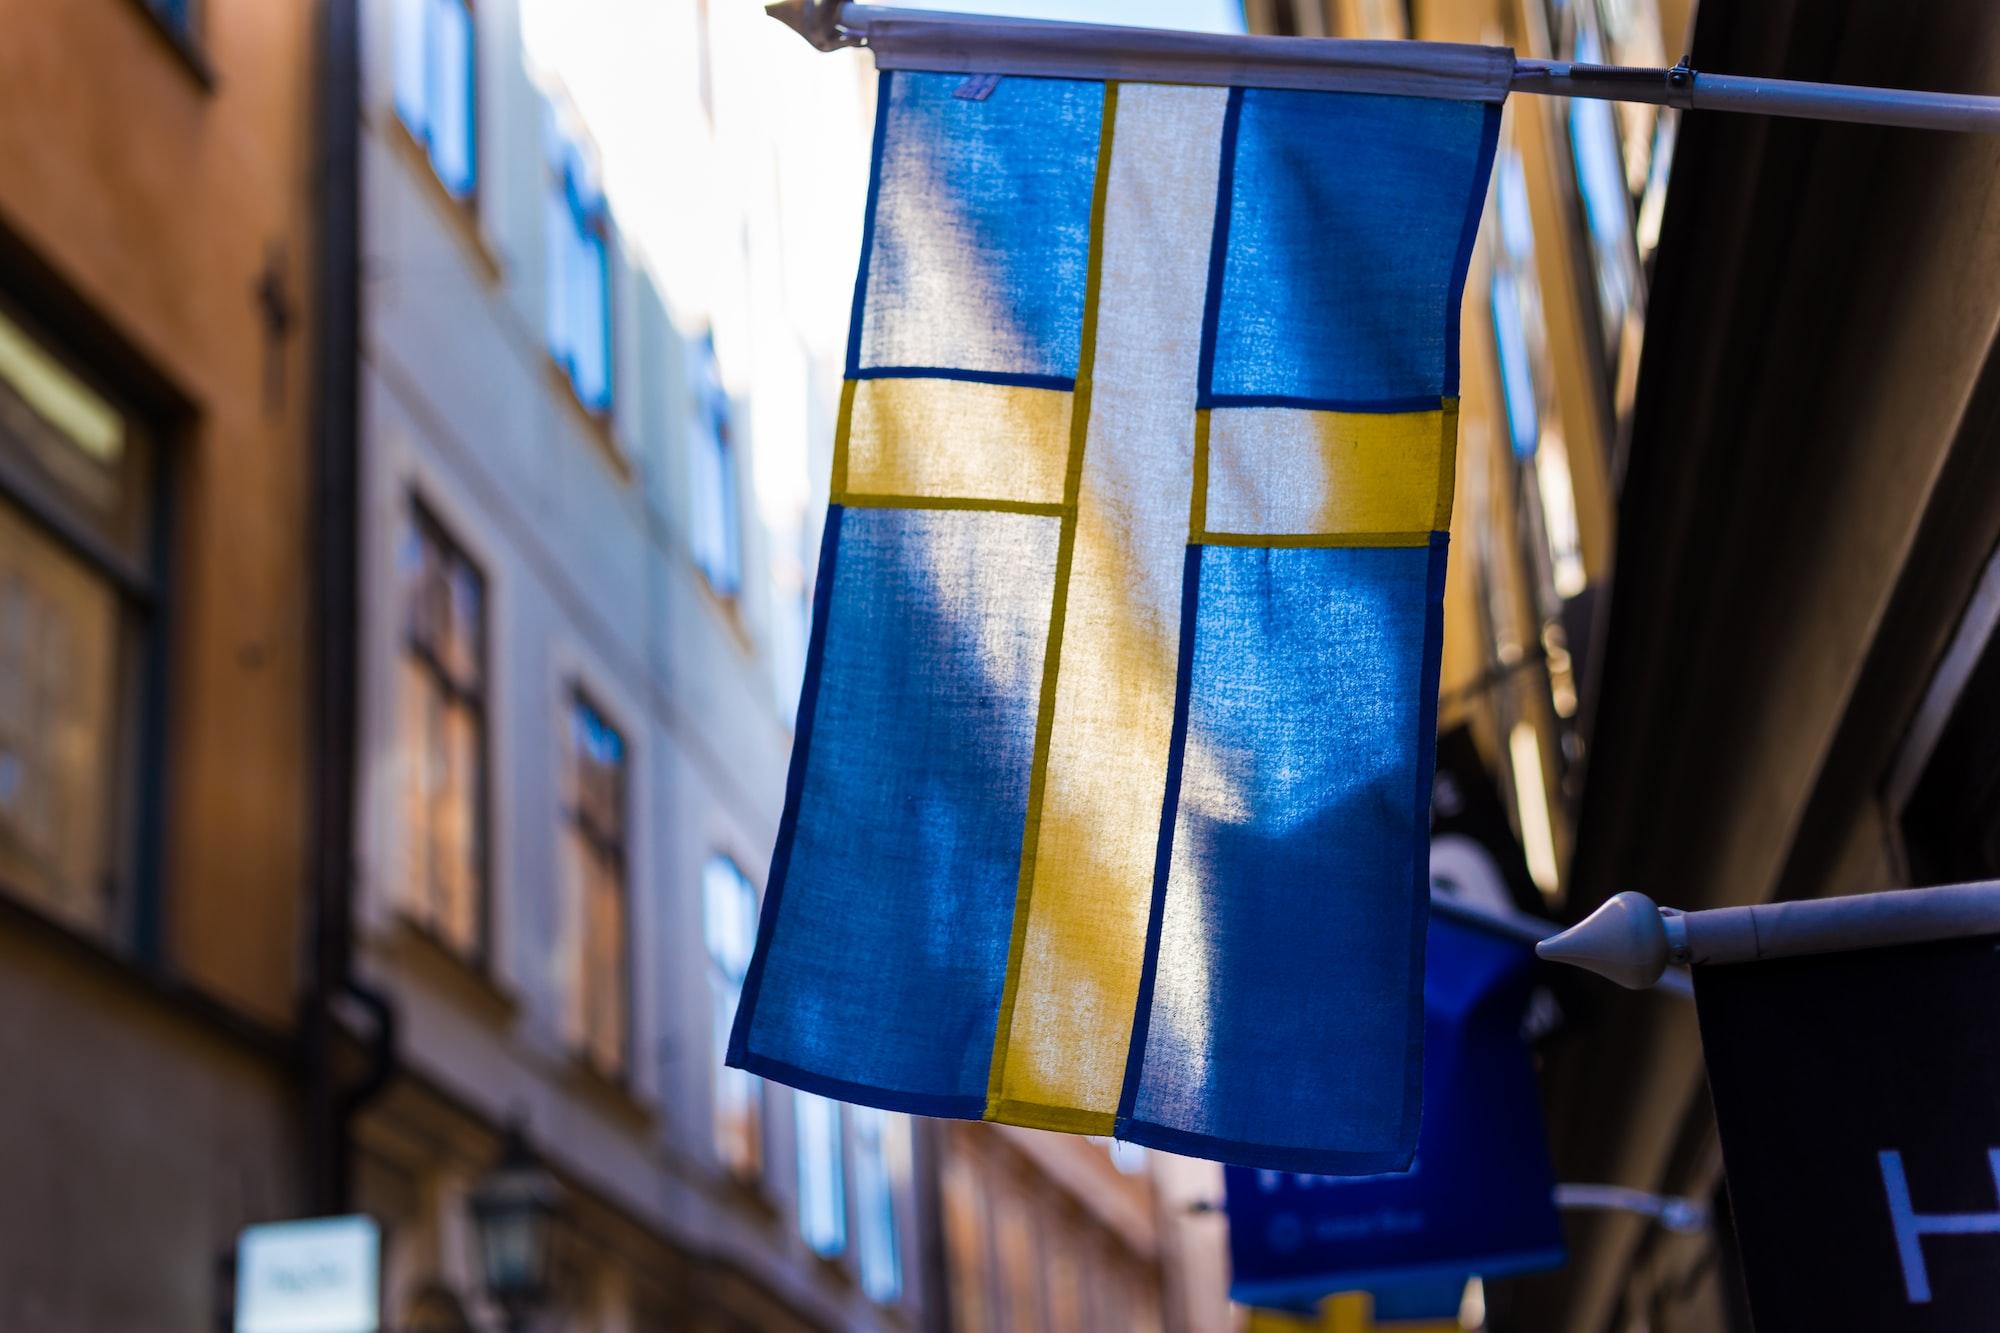 Därför lyfts Sverige fram som förebild - trots att vi har fler dödsfall än många andra länder